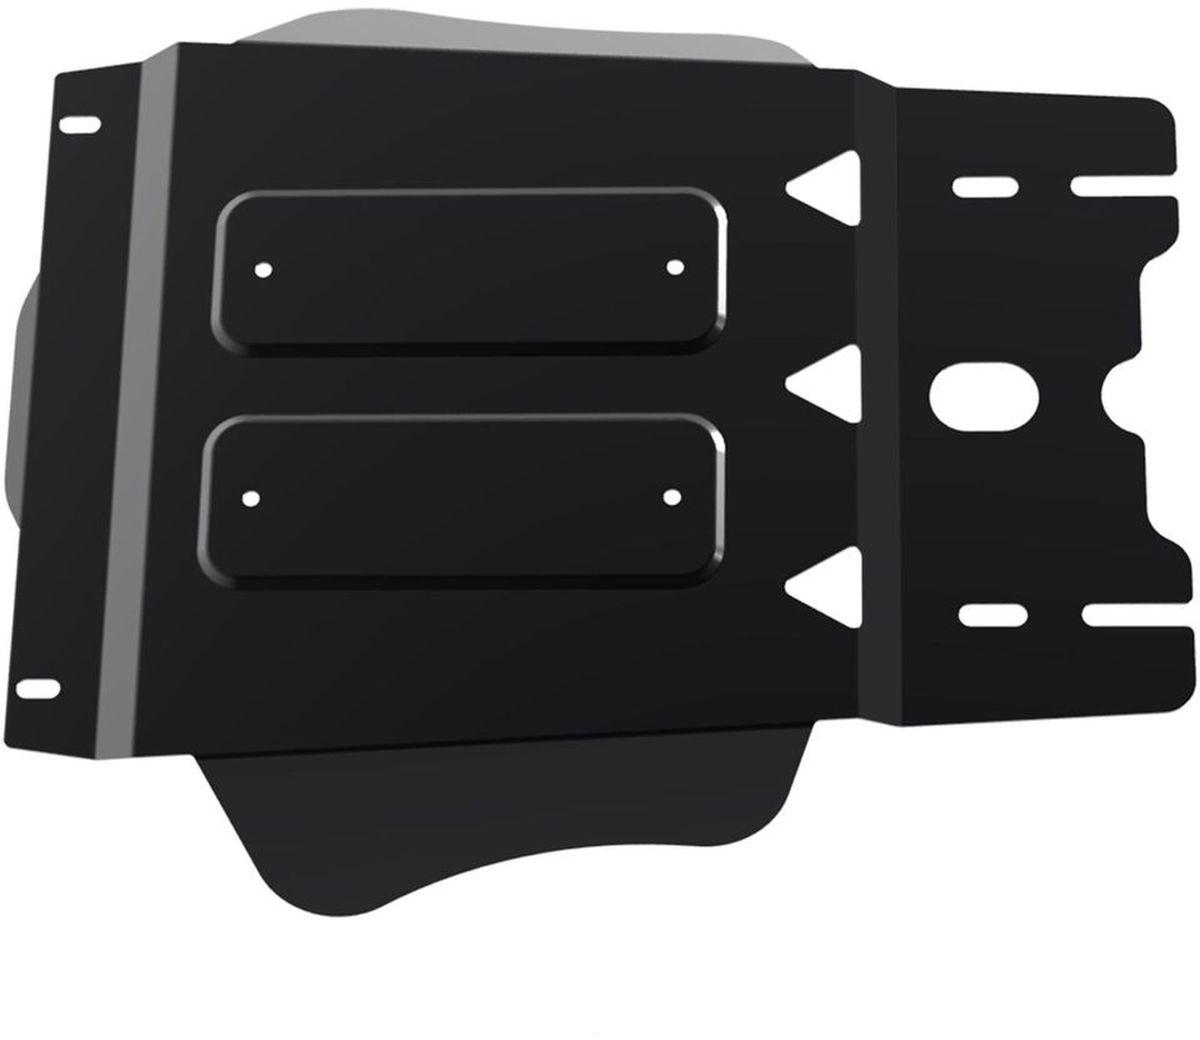 Защита КПП Автоброня Subaru Outback 2015-, сталь 2 мм111.05431.1Защита КПП Автоброня Subaru Outback, V -2,5 2015-, сталь 2 мм, комплект крепежа, 111.05431.1Стальные защиты Автоброня надежно защищают ваш автомобиль от повреждений при наезде на бордюры, выступающие канализационные люки, кромки поврежденного асфальта или при ремонте дорог, не говоря уже о загородных дорогах.- Имеют оптимальное соотношение цена-качество.- Спроектированы с учетом особенностей автомобиля, что делает установку удобной.- Защита устанавливается в штатные места кузова автомобиля.- Является надежной защитой для важных элементов на протяжении долгих лет.- Глубокий штамп дополнительно усиливает конструкцию защиты.- Подштамповка в местах крепления защищает крепеж от срезания.- Технологические отверстия там, где они необходимы для смены масла и слива воды, оборудованные заглушками, закрепленными на защите.Толщина стали 2 мм.В комплекте крепеж и инструкция по установке.Уважаемые клиенты!Обращаем ваше внимание на тот факт, что защита имеет форму, соответствующую модели данного автомобиля. Наличие глубокого штампа и лючков для смены фильтров/масла предусмотрено не на всех защитах. Фото служит для визуального восприятия товара.